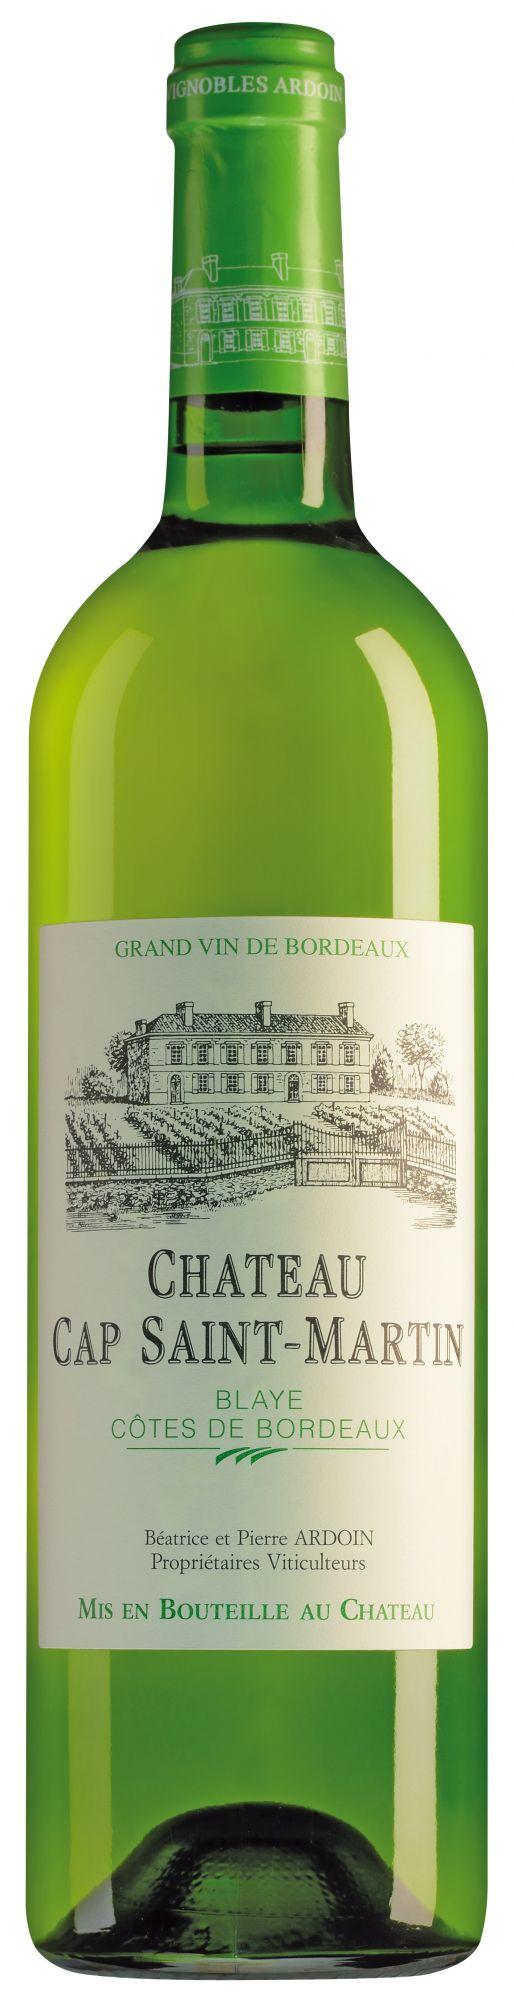 Château Cap Saint Martin Blaye Côtes de Bordeaux Blanc